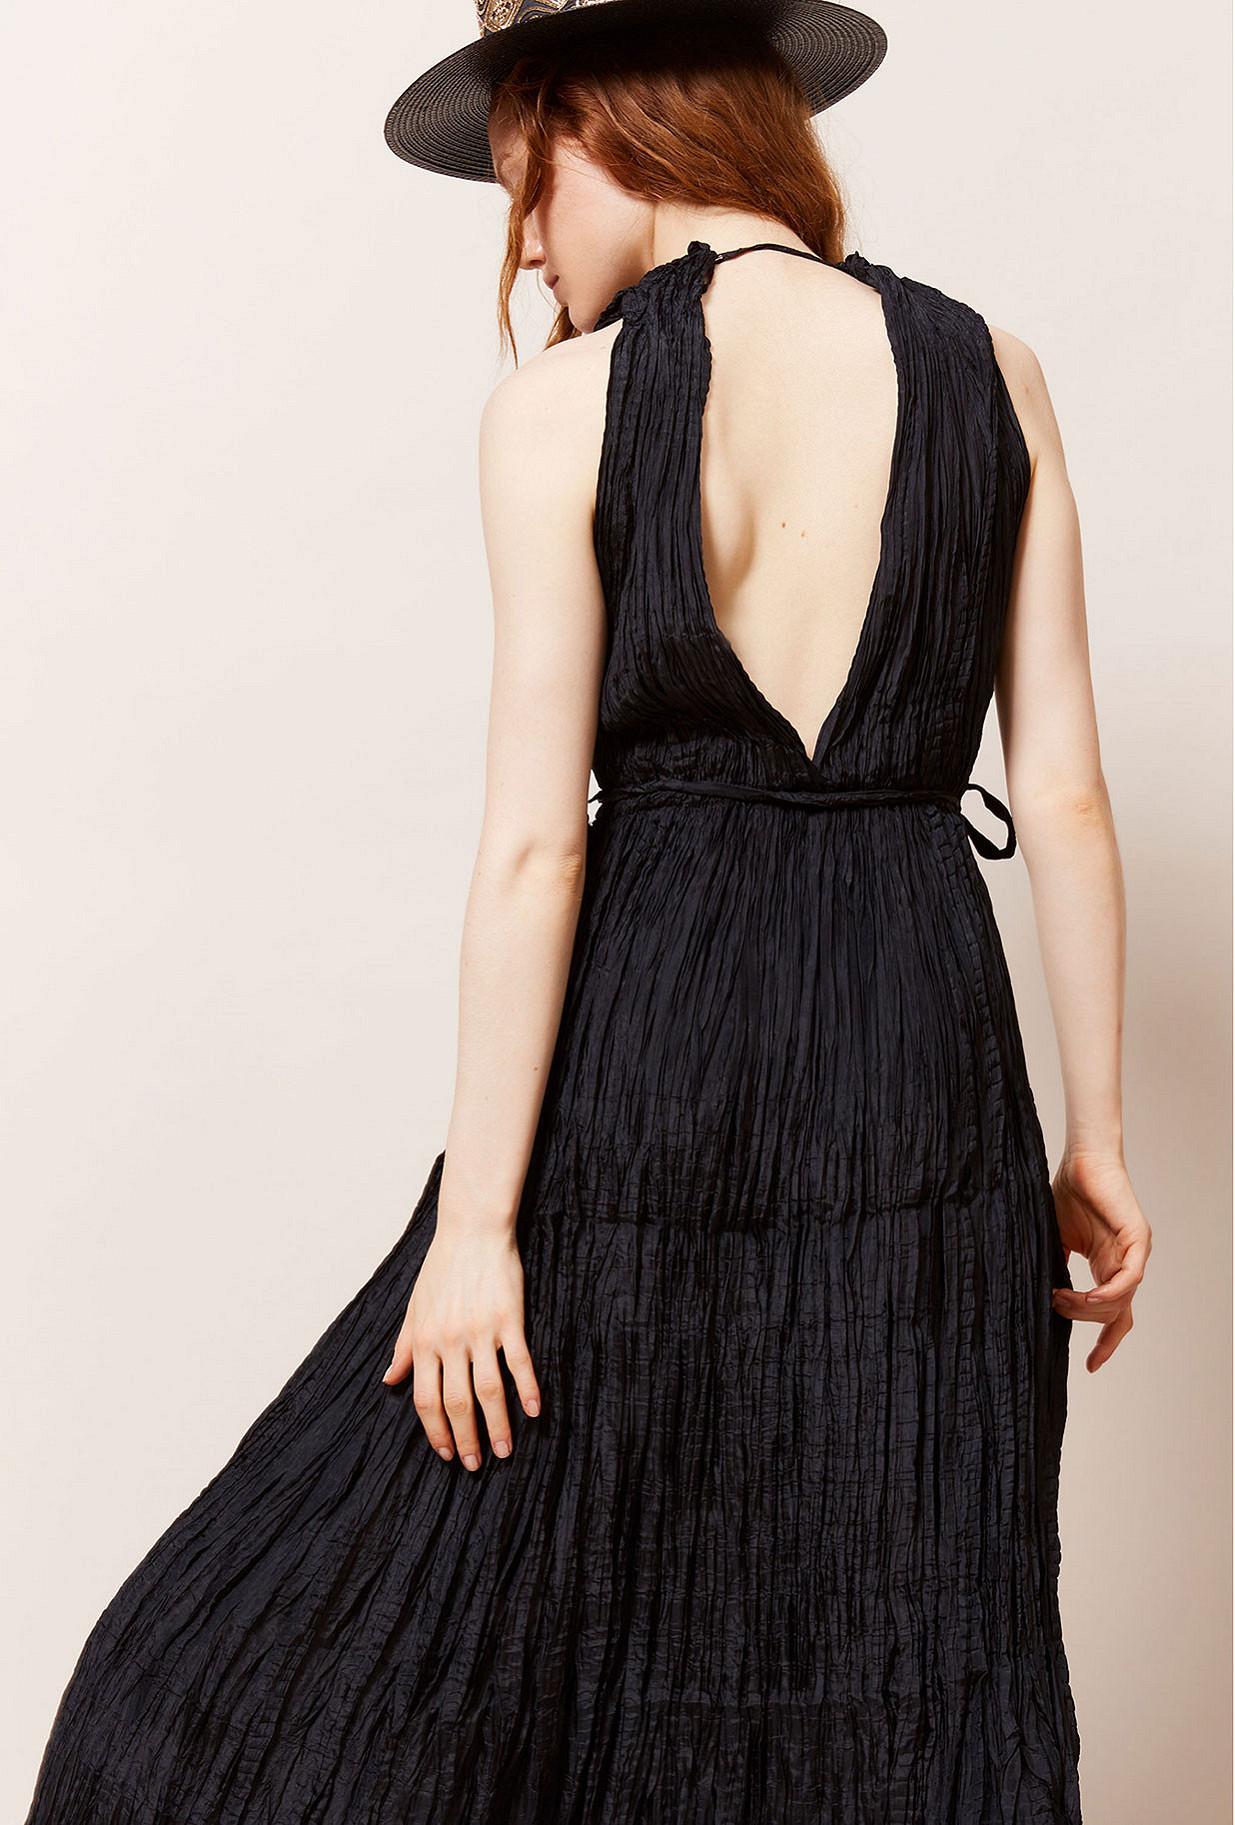 Robe Noir  Semsema mes demoiselles paris vêtement femme paris